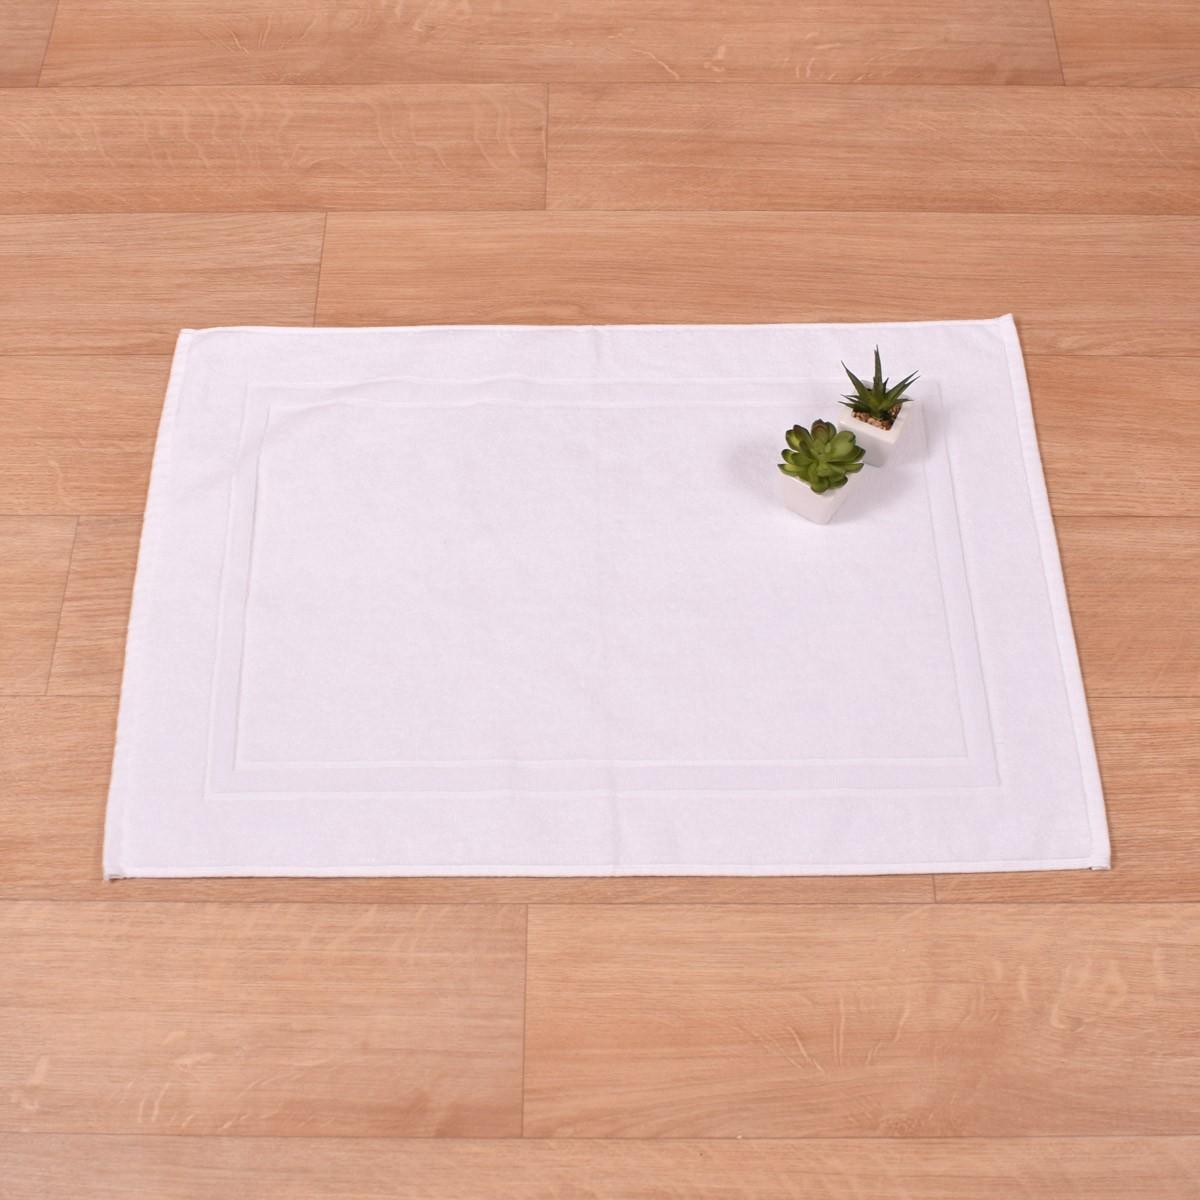 Πετσετέ Πατάκι Μπάνιου (50x75) Κορνίζα Λευκό 700gr/m2